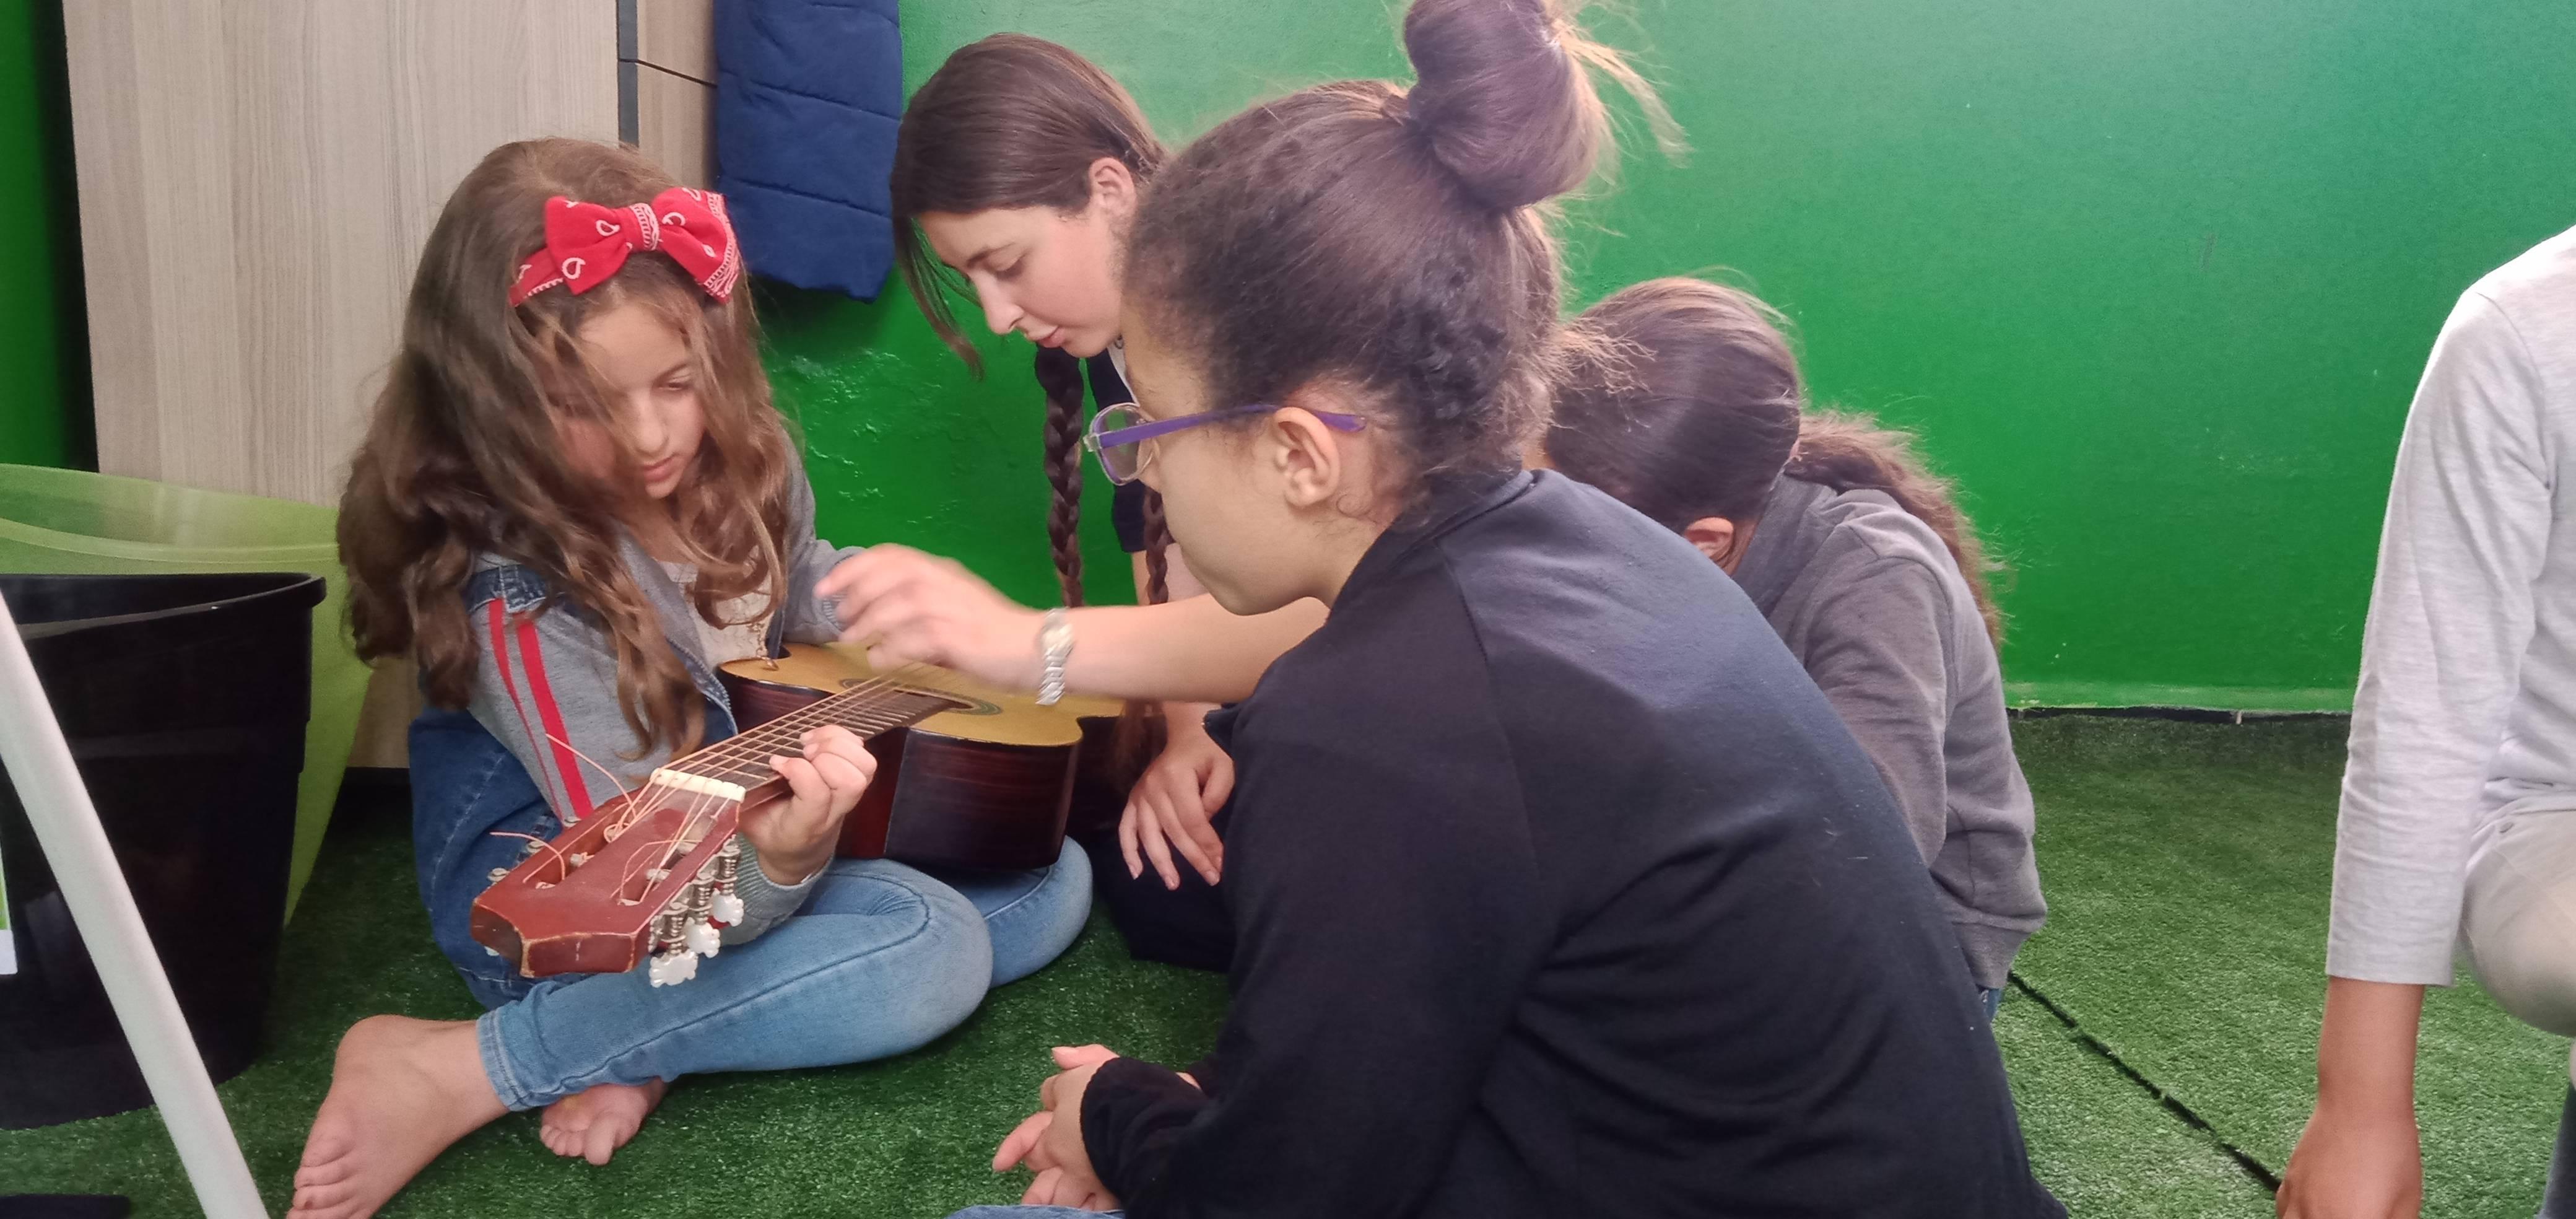 Animation socio-culturelle - ACJE Biziou - الجمعية الثقافية للشبيبة و الطفولة بيزيو